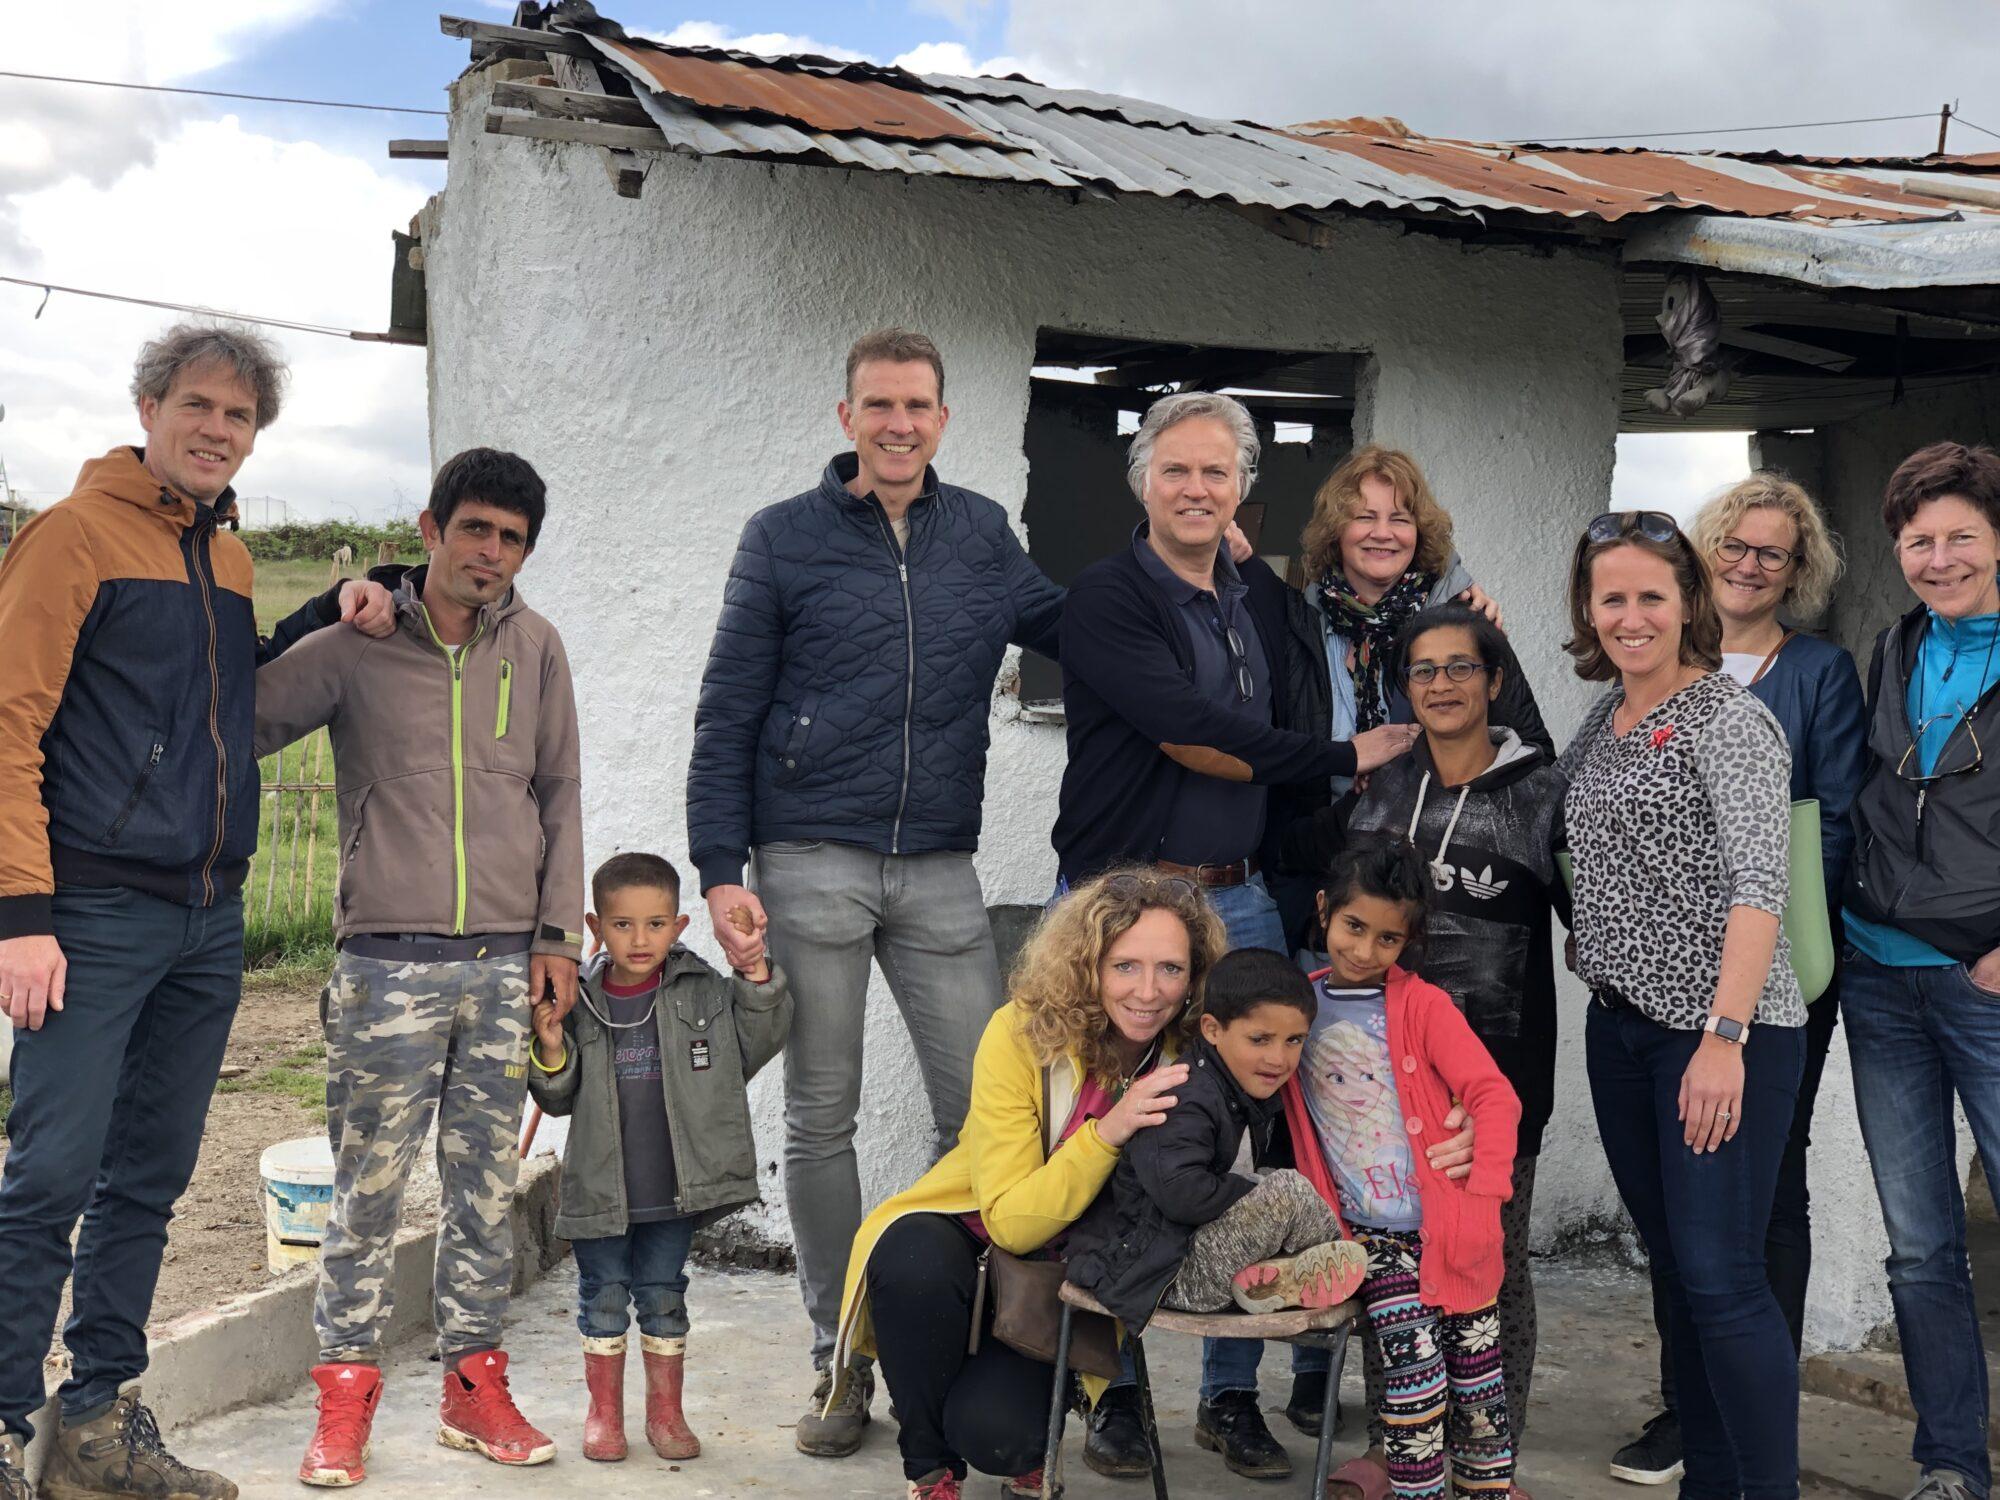 Jubilerende stichting trots op tien jaar impact